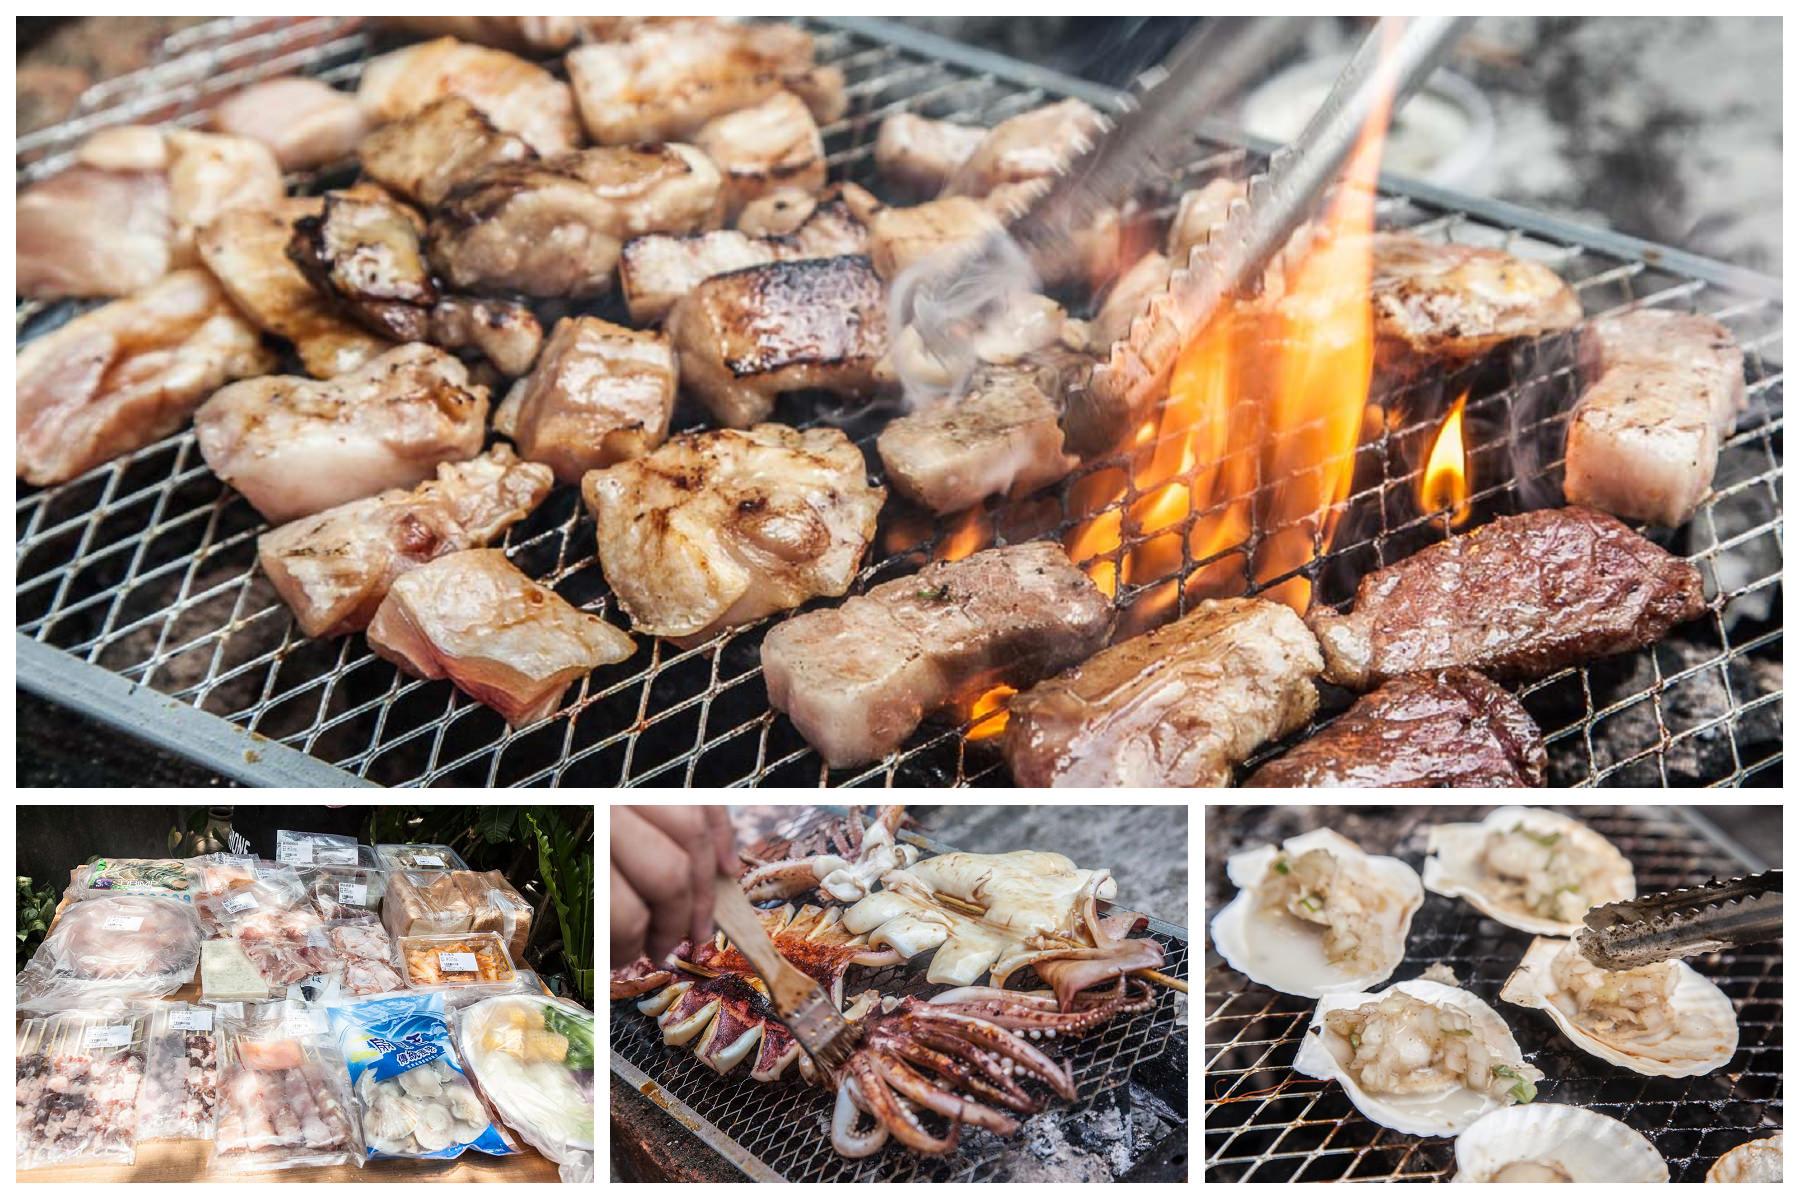 [宅配團購]網購烤肉組推薦!動動手指家裡就是燒肉店!五根烤肉網-海陸烤肉套餐